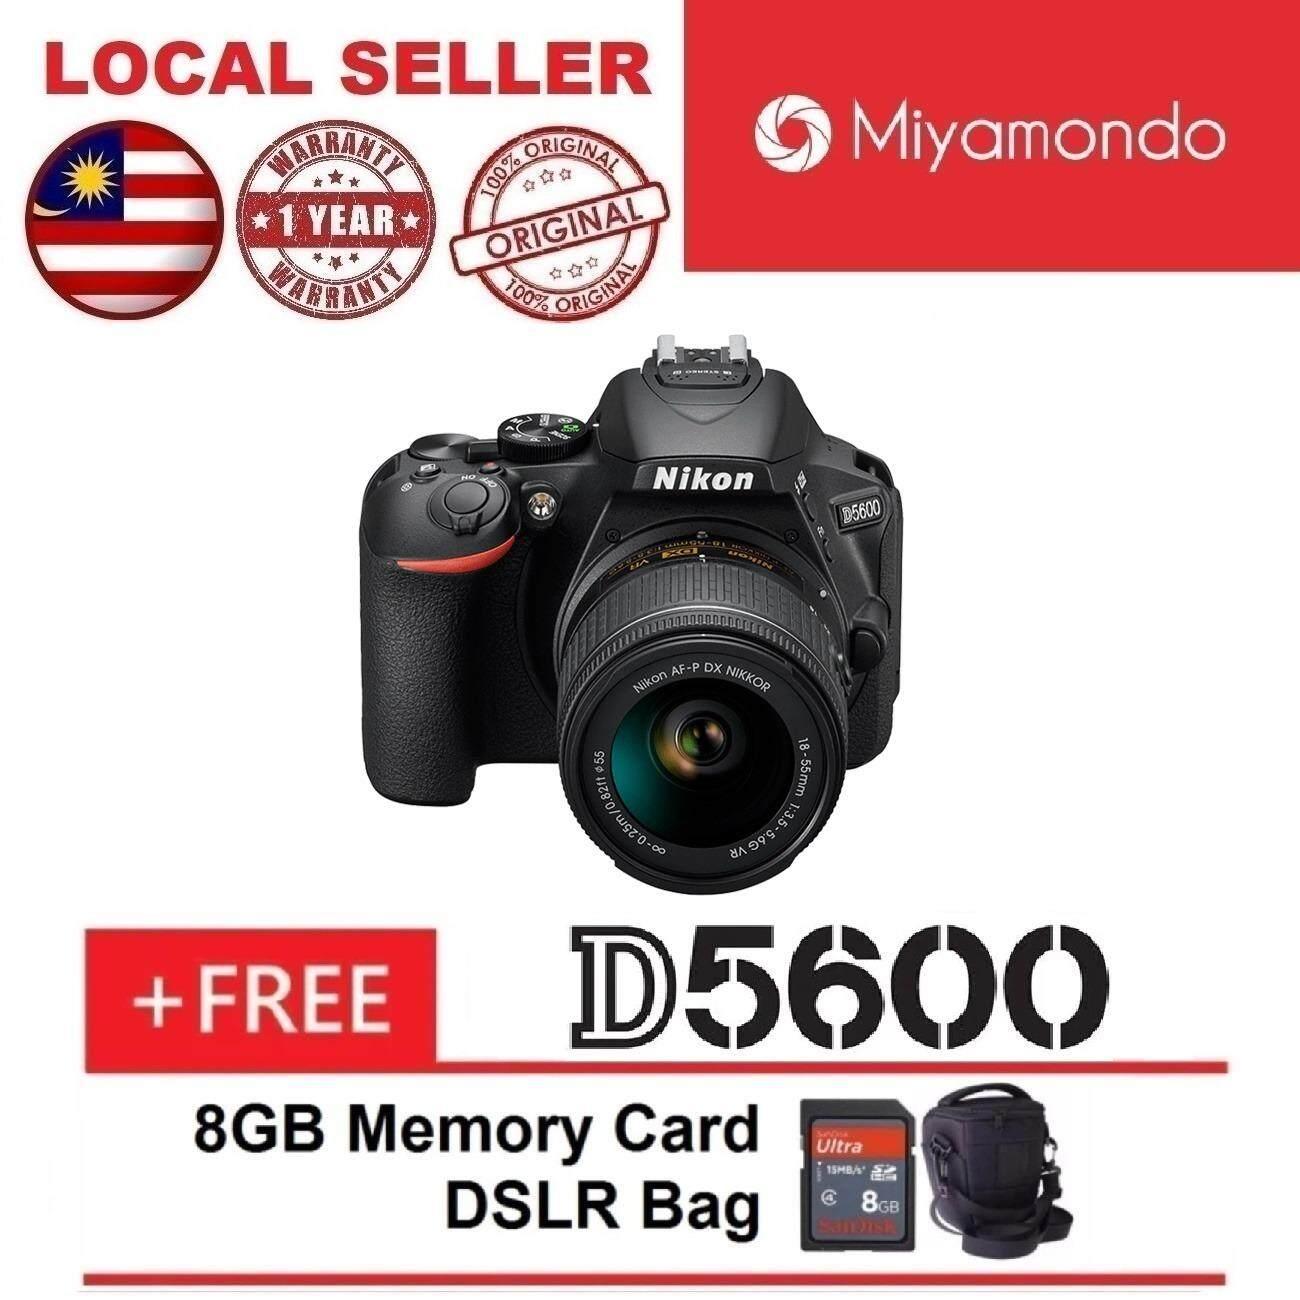 Cek Harga Nikon D5300 18 55mm Vr Ii Lens Kit 8gb Bag Black Kamera Dslr Lensa Af S D5600 With